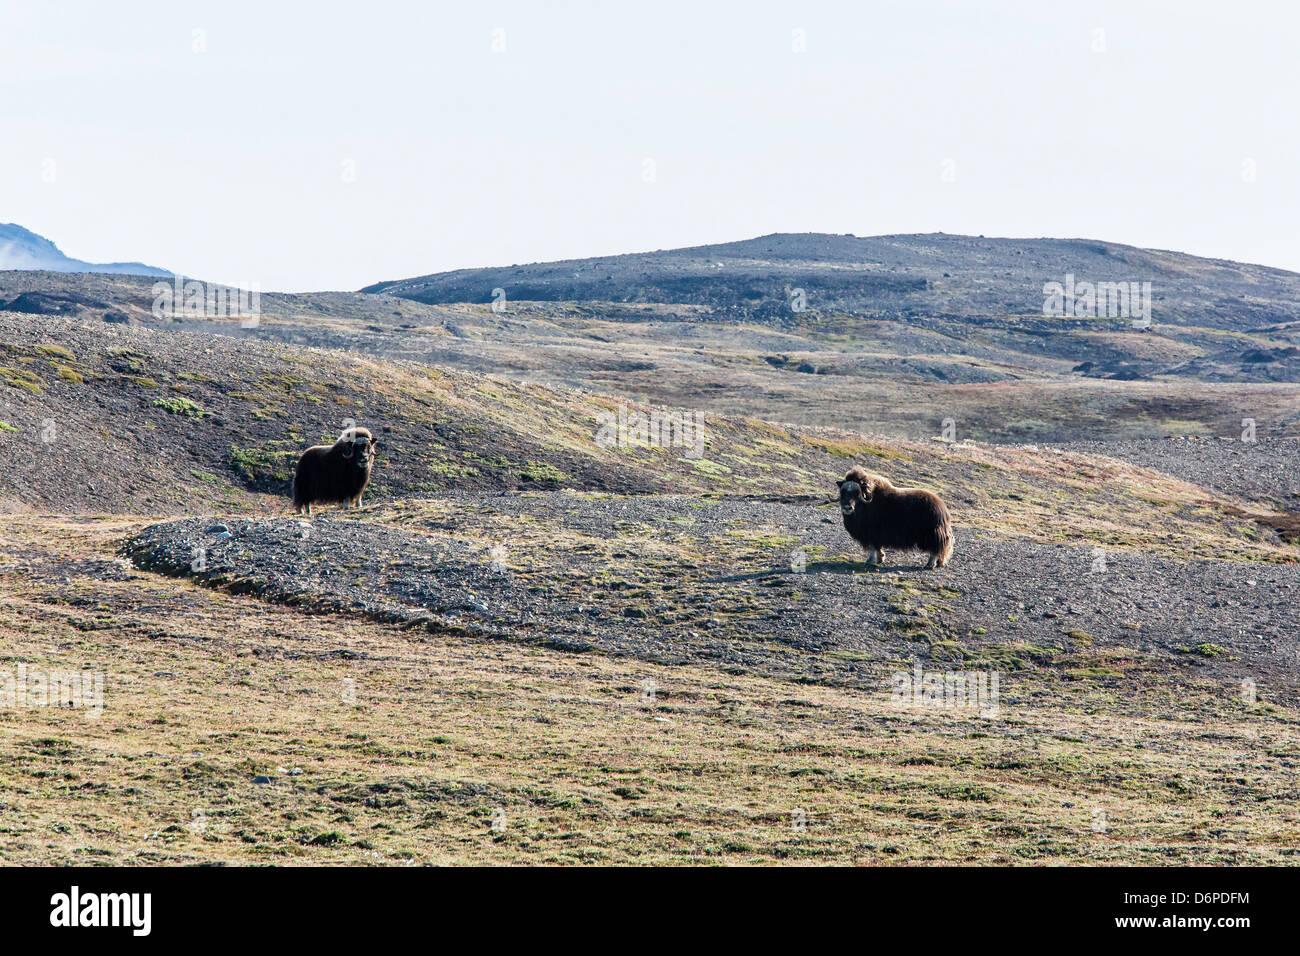 Bull le boeuf musqué (Ovibos moschatus), Myggebukta (Mosquito Bay), Christian X's Land, au nord-est du Groenland, les régions polaires Banque D'Images